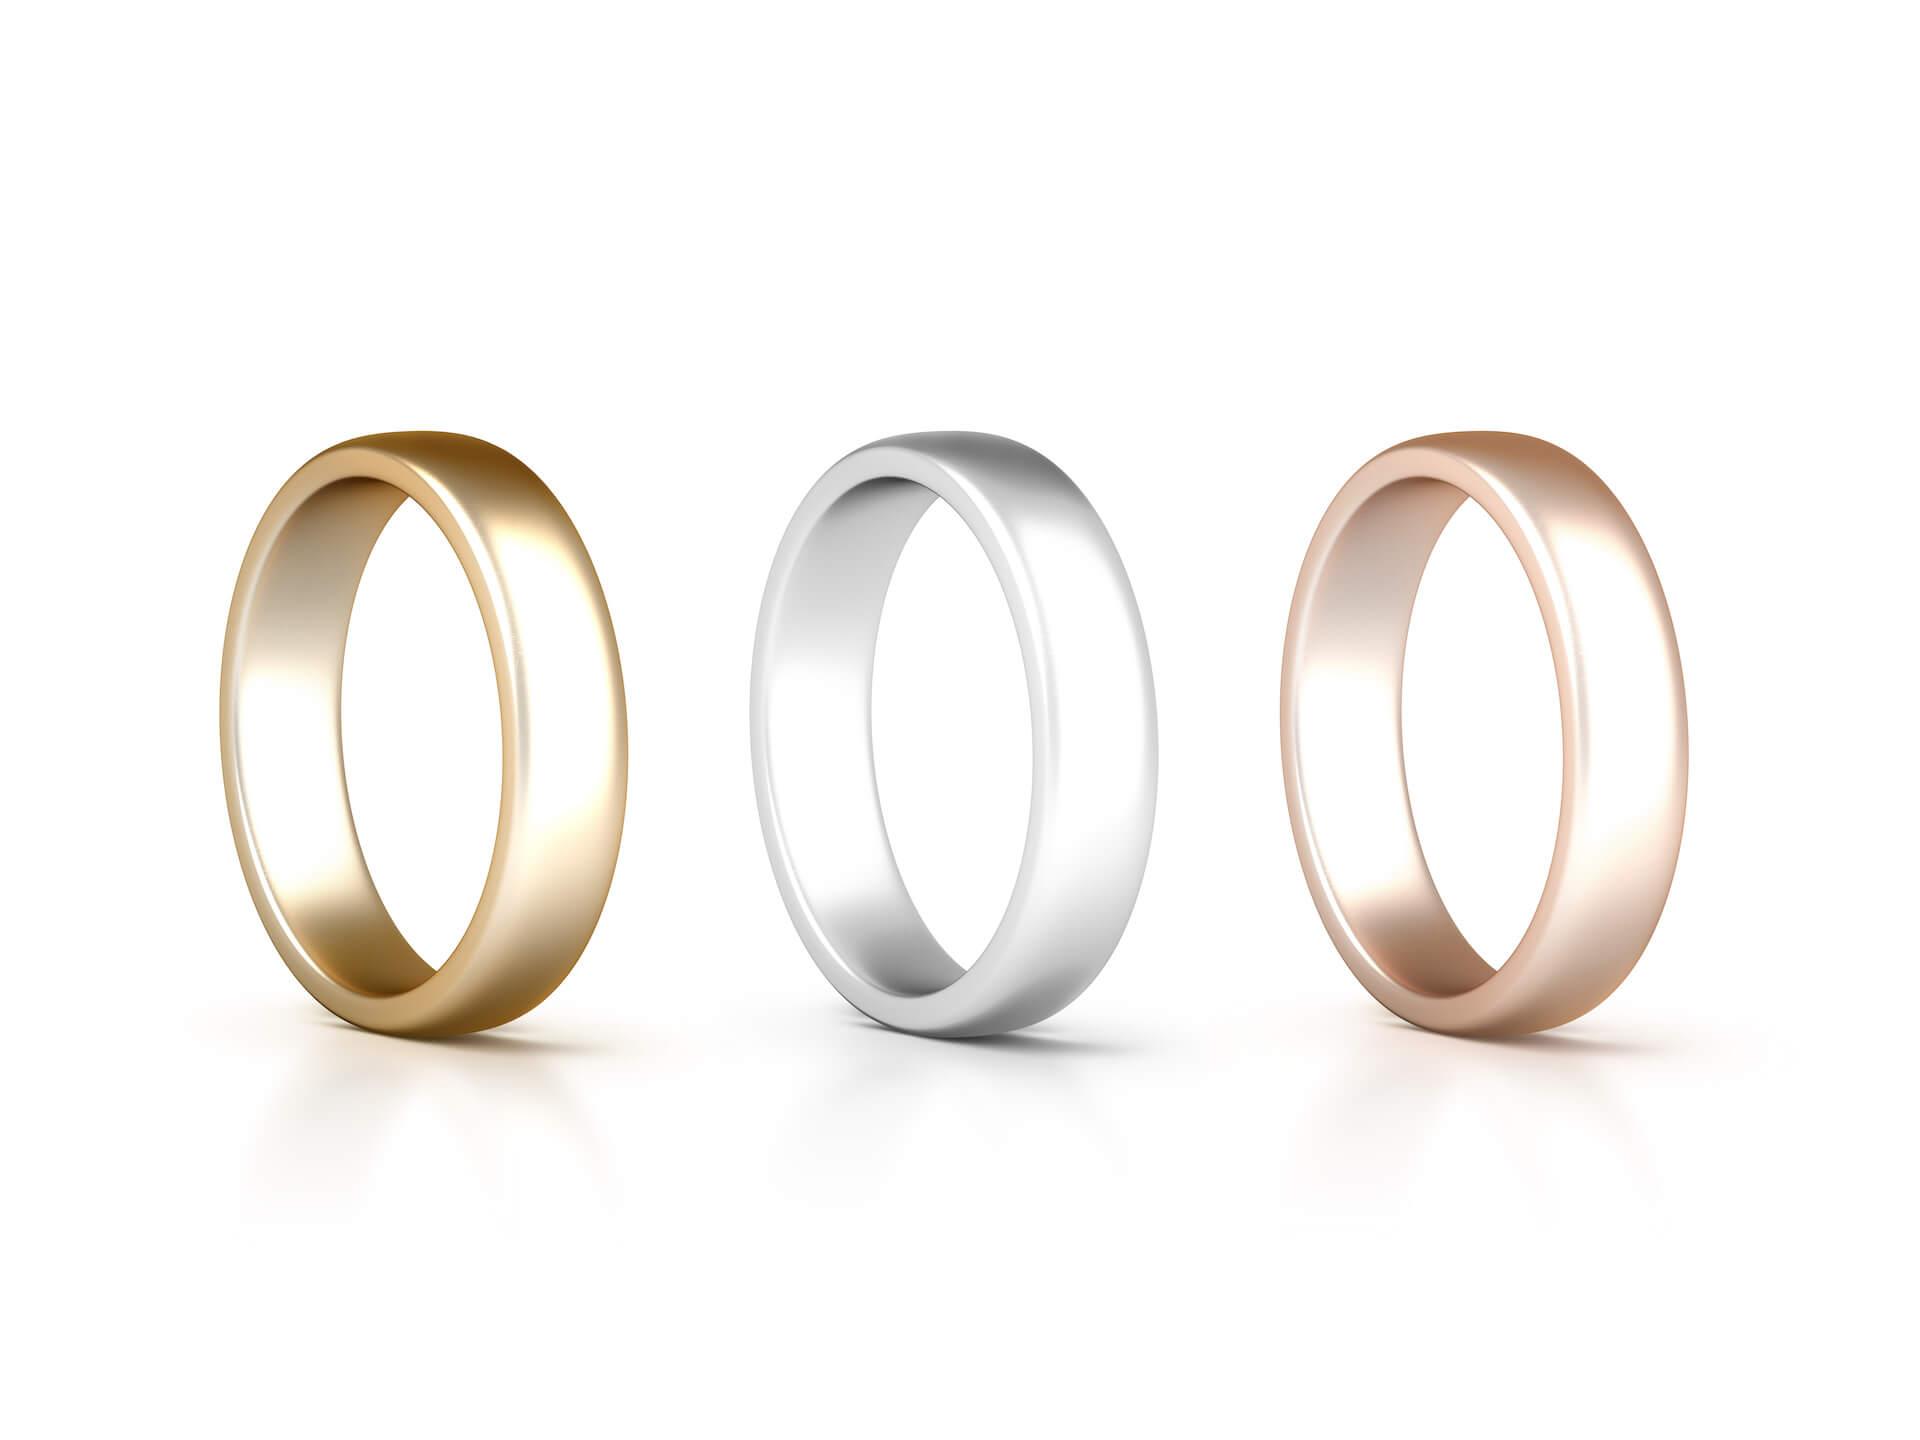 Trauringe Eheringe Verlobungsringe gold silber rosegold